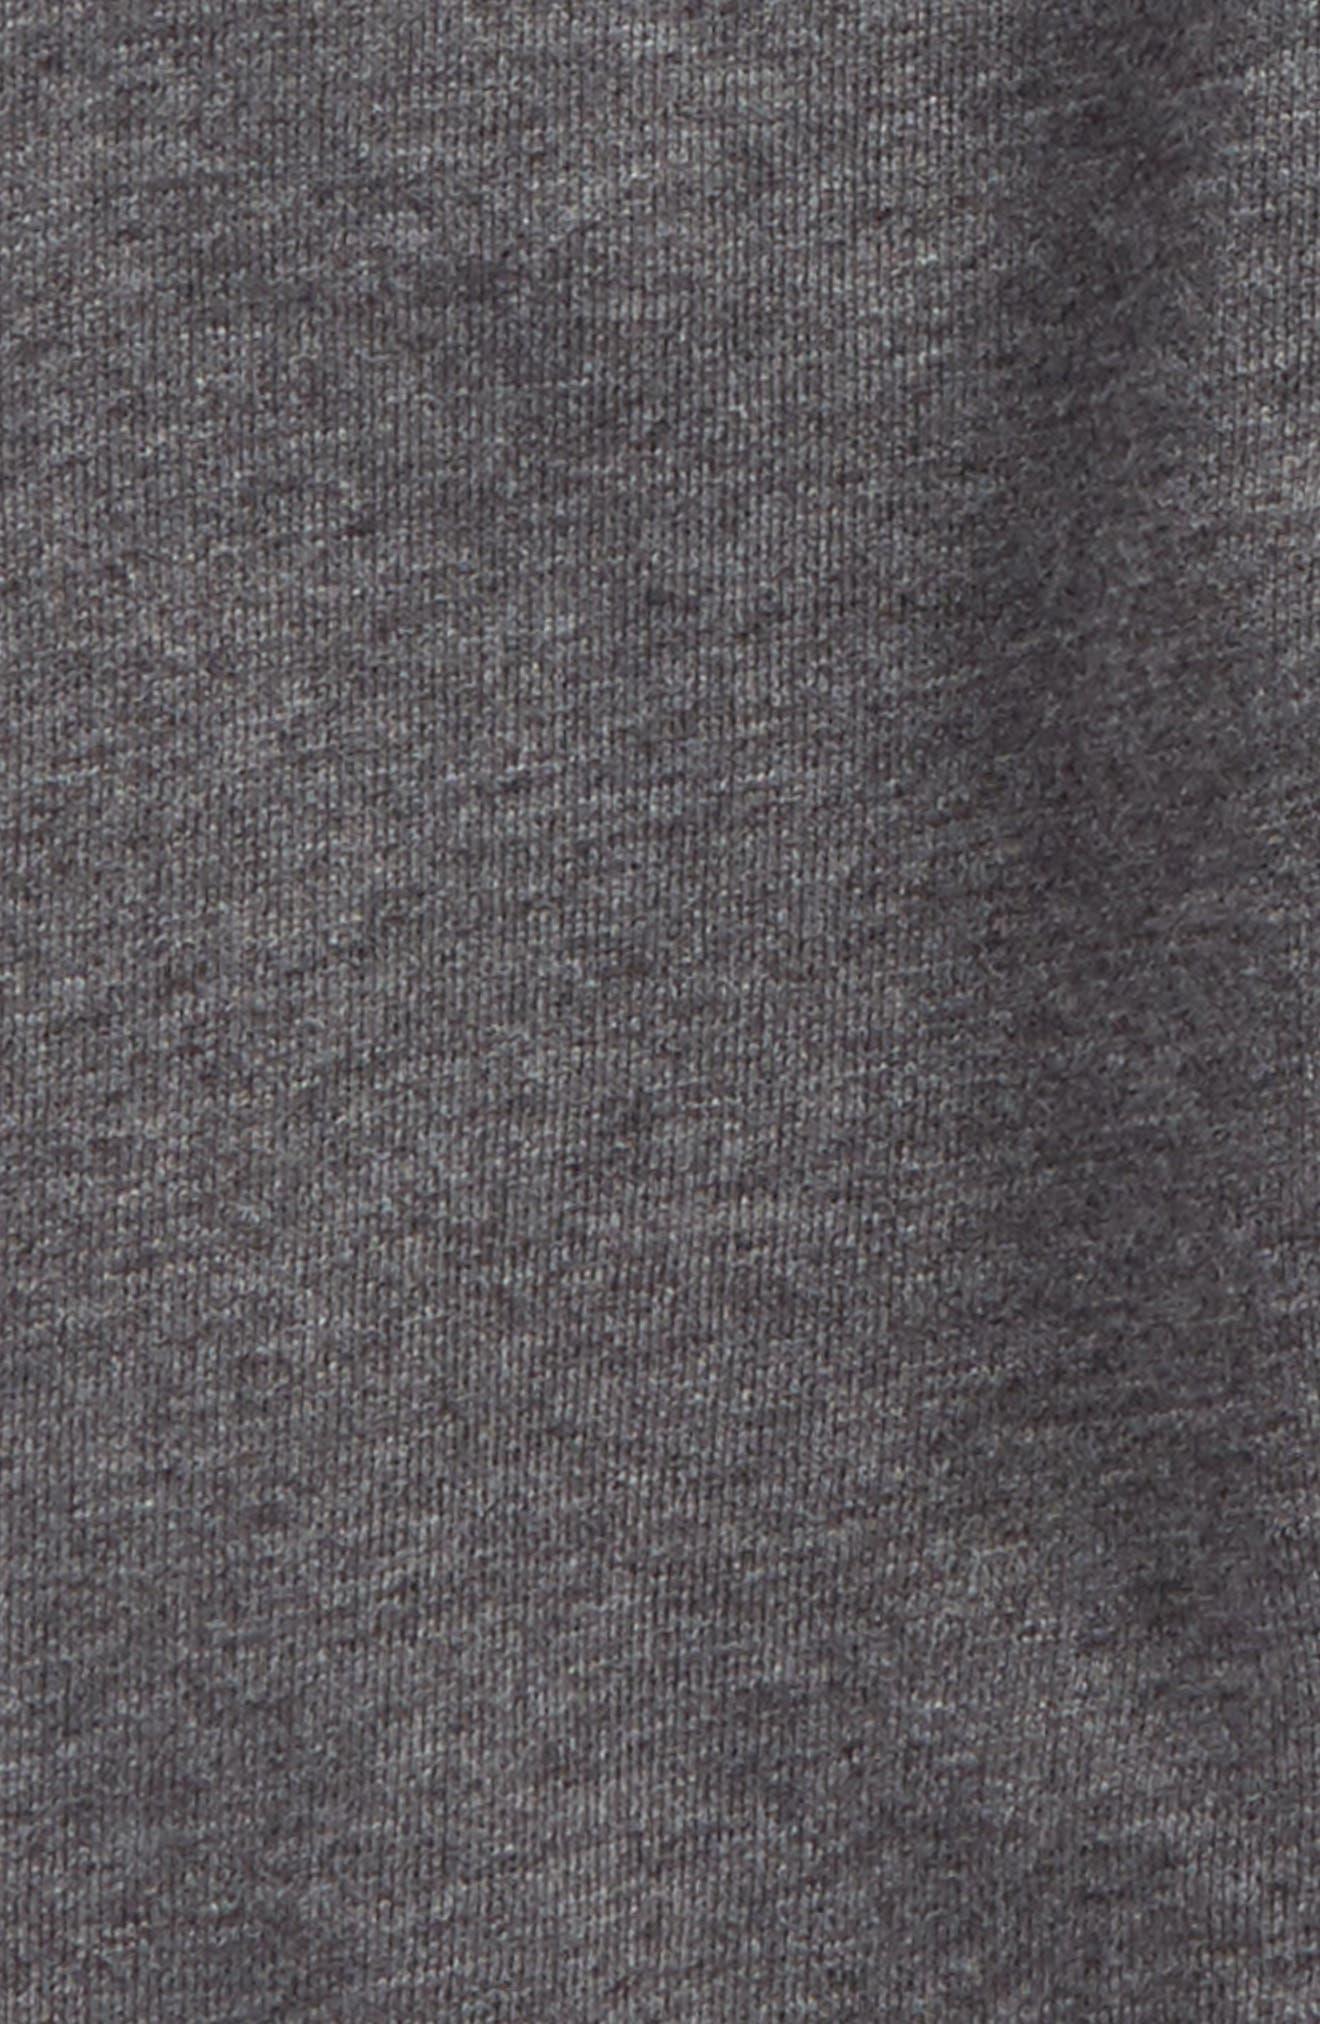 Mini Phill Jogger Sweatpants,                             Alternate thumbnail 2, color,                             027